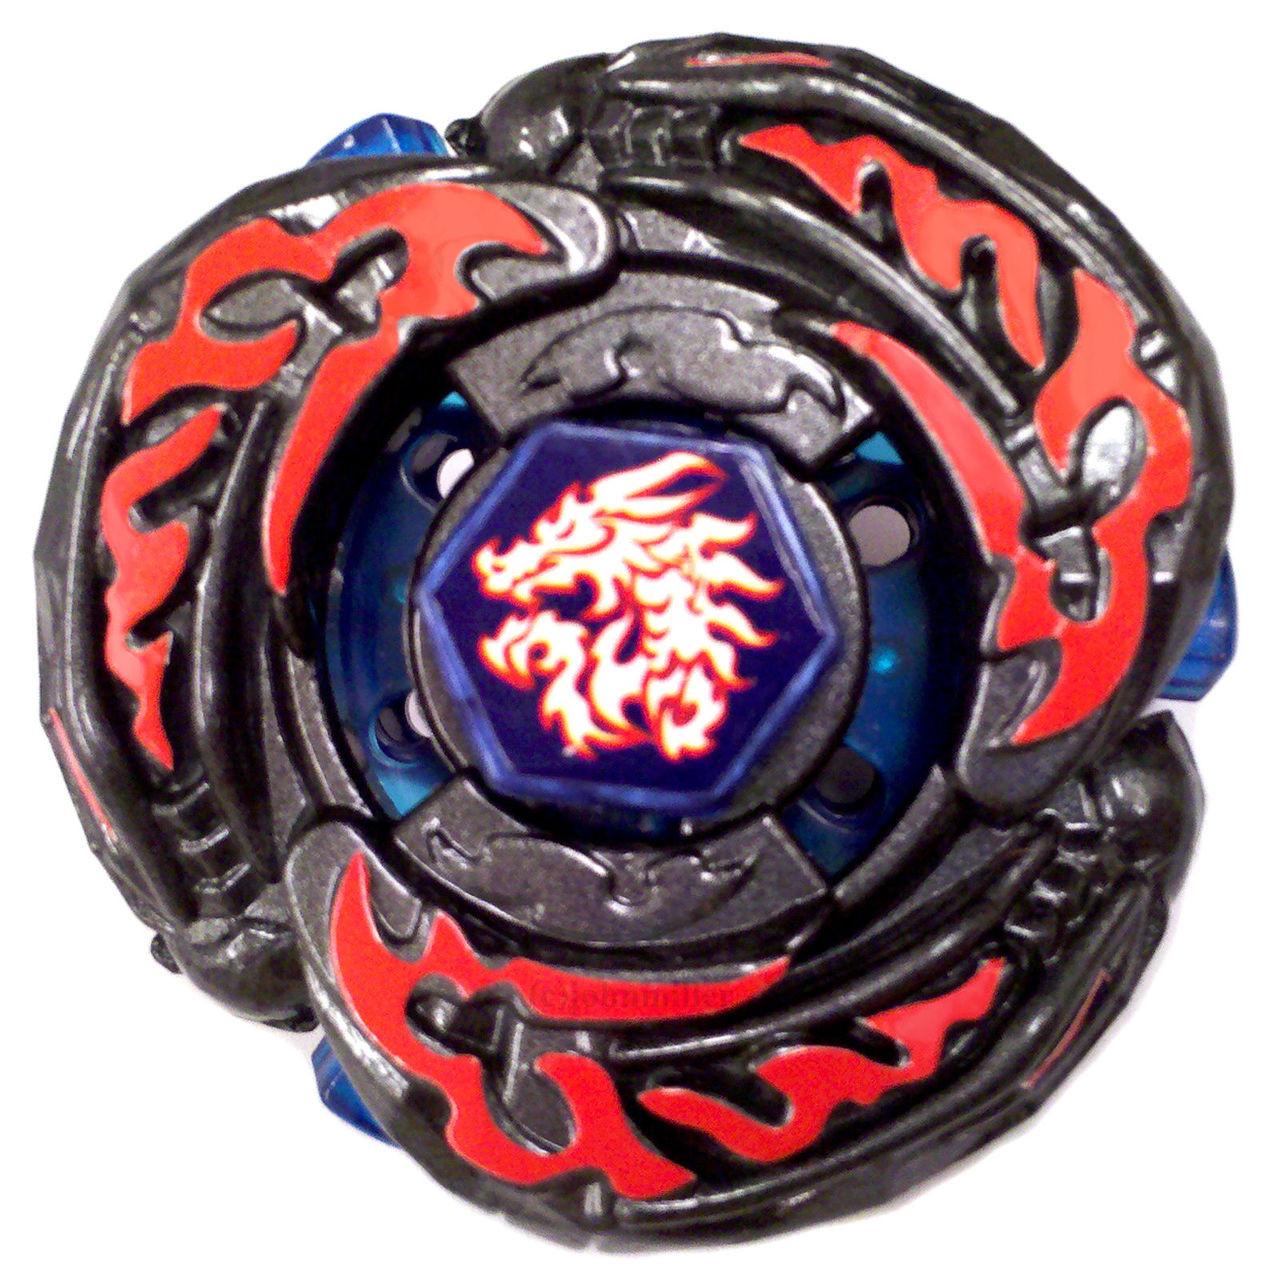 Takara Tomy Beyblade BB108 L Drago//Ldrago Destroy F:S 4D System